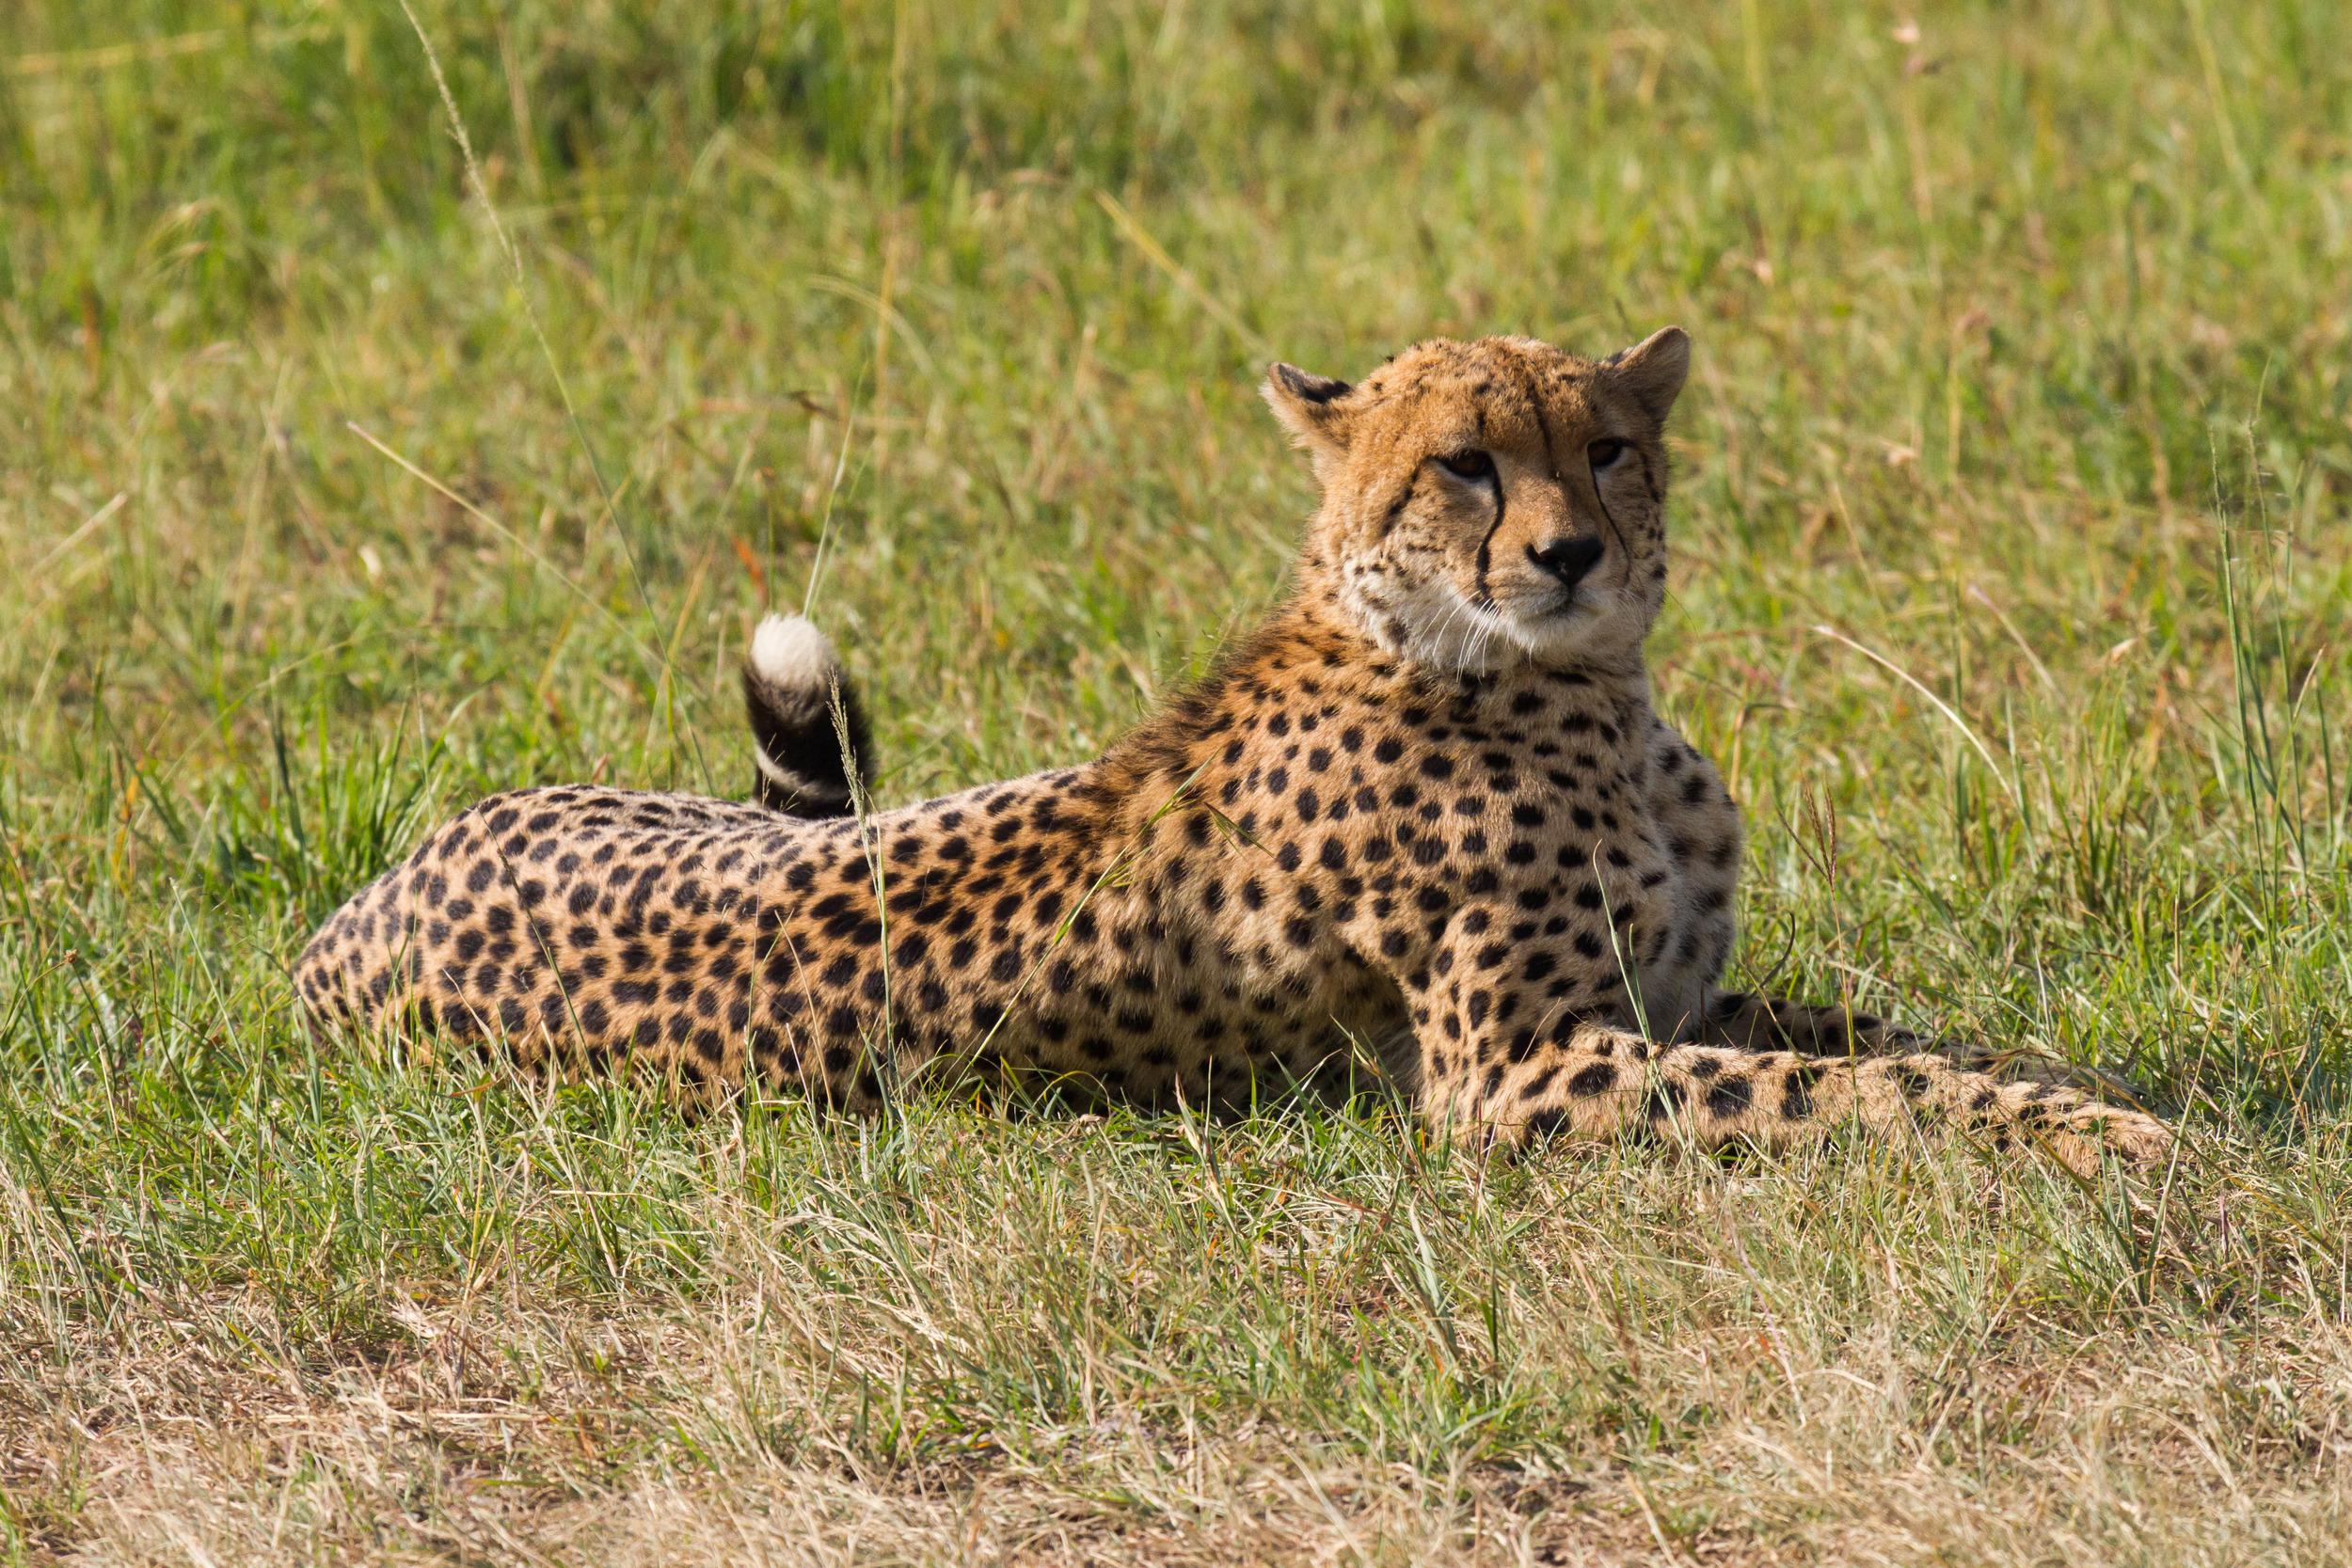 Cheetah in Masai Mara NP Kenya    Benh Lieu Song/Wikimedia Commons  [ CC BY-SA 2.0 ]